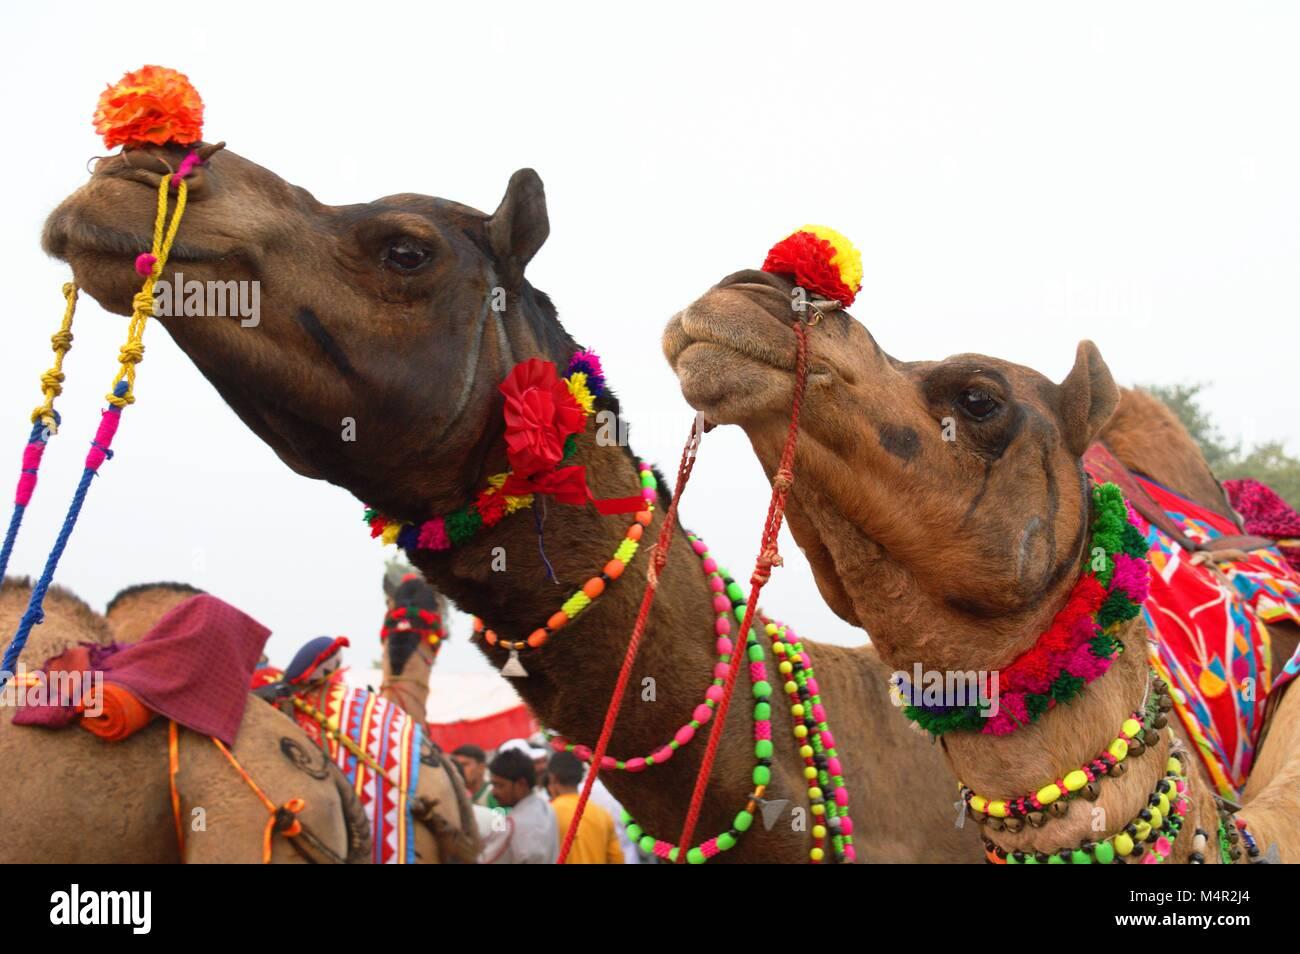 Zwei Kamele eingerichtet für die jährliche Kamel Pushkar Fair. Diese Messe ist die weltweit größte Stockbild